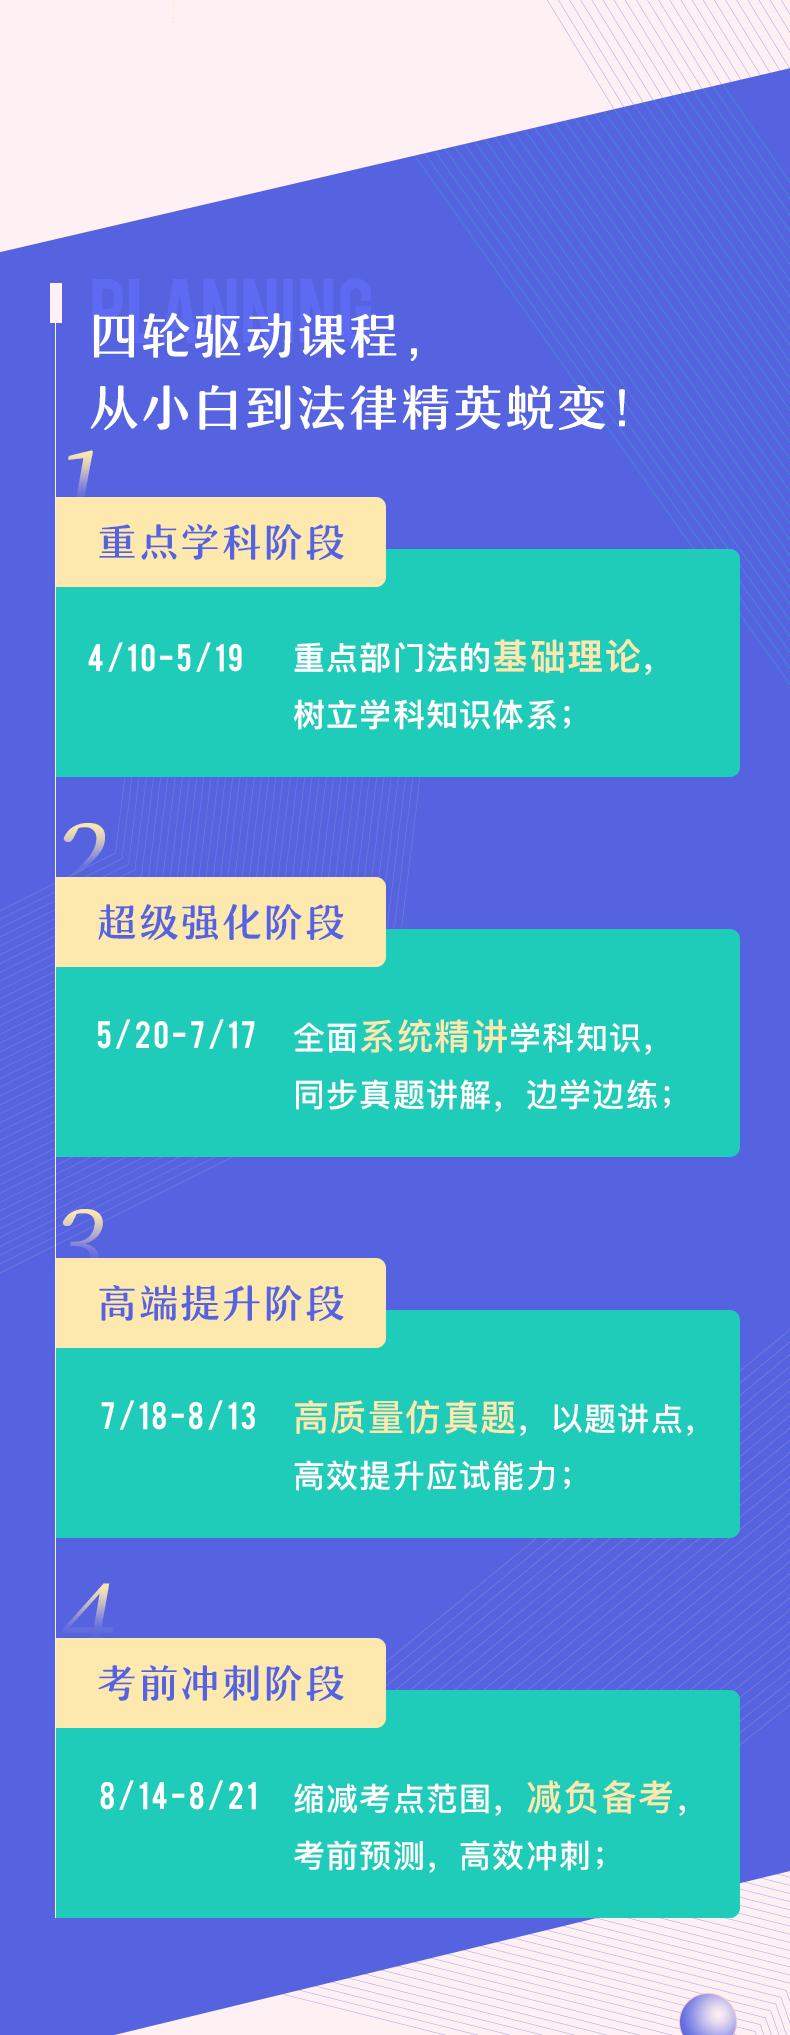 北京vip协议班_011_03.png